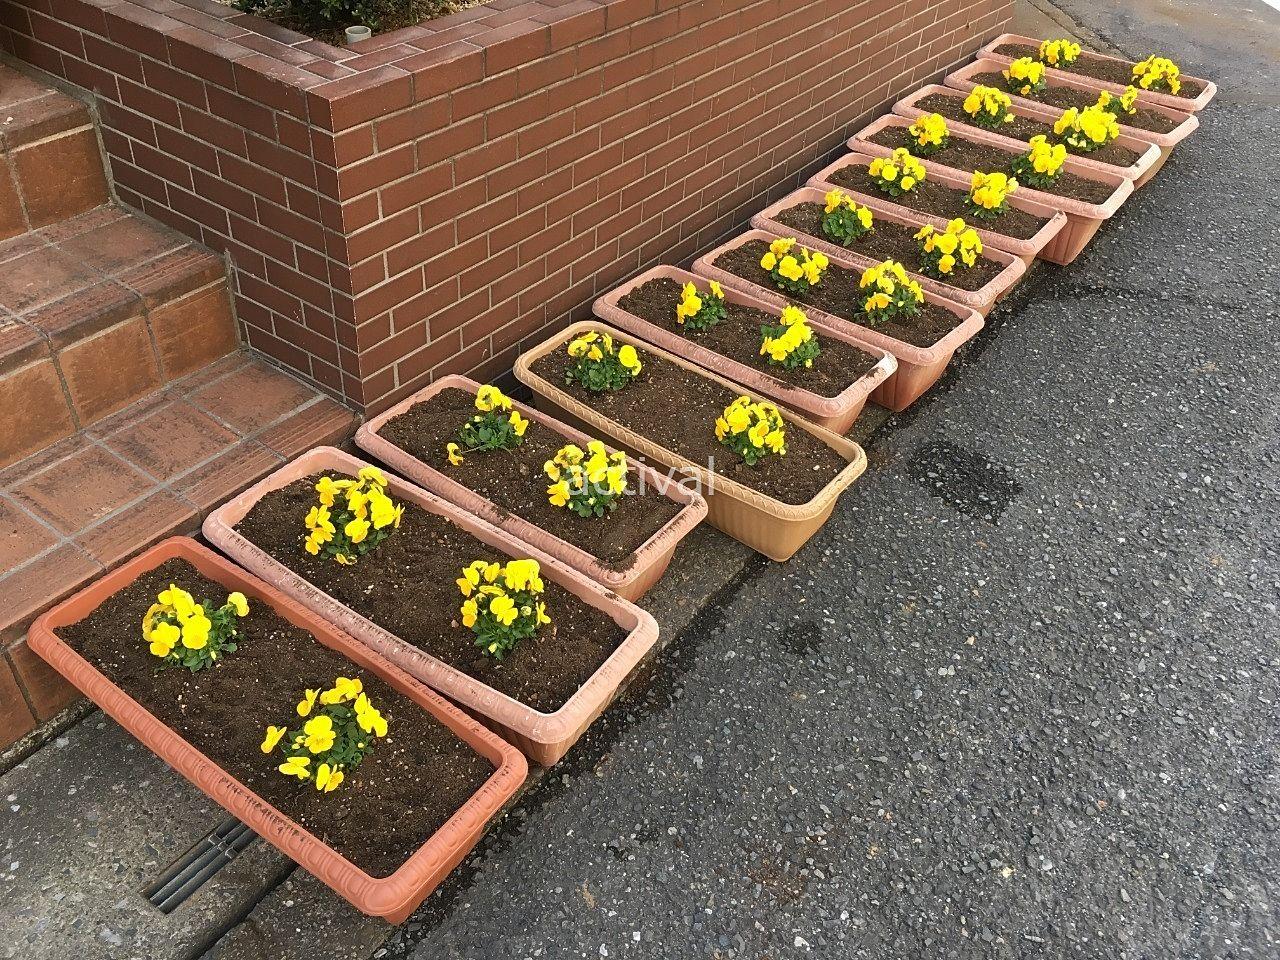 プランターの植え替えでトマト園芸さんで買って来た黄色のビオラを植えました!!